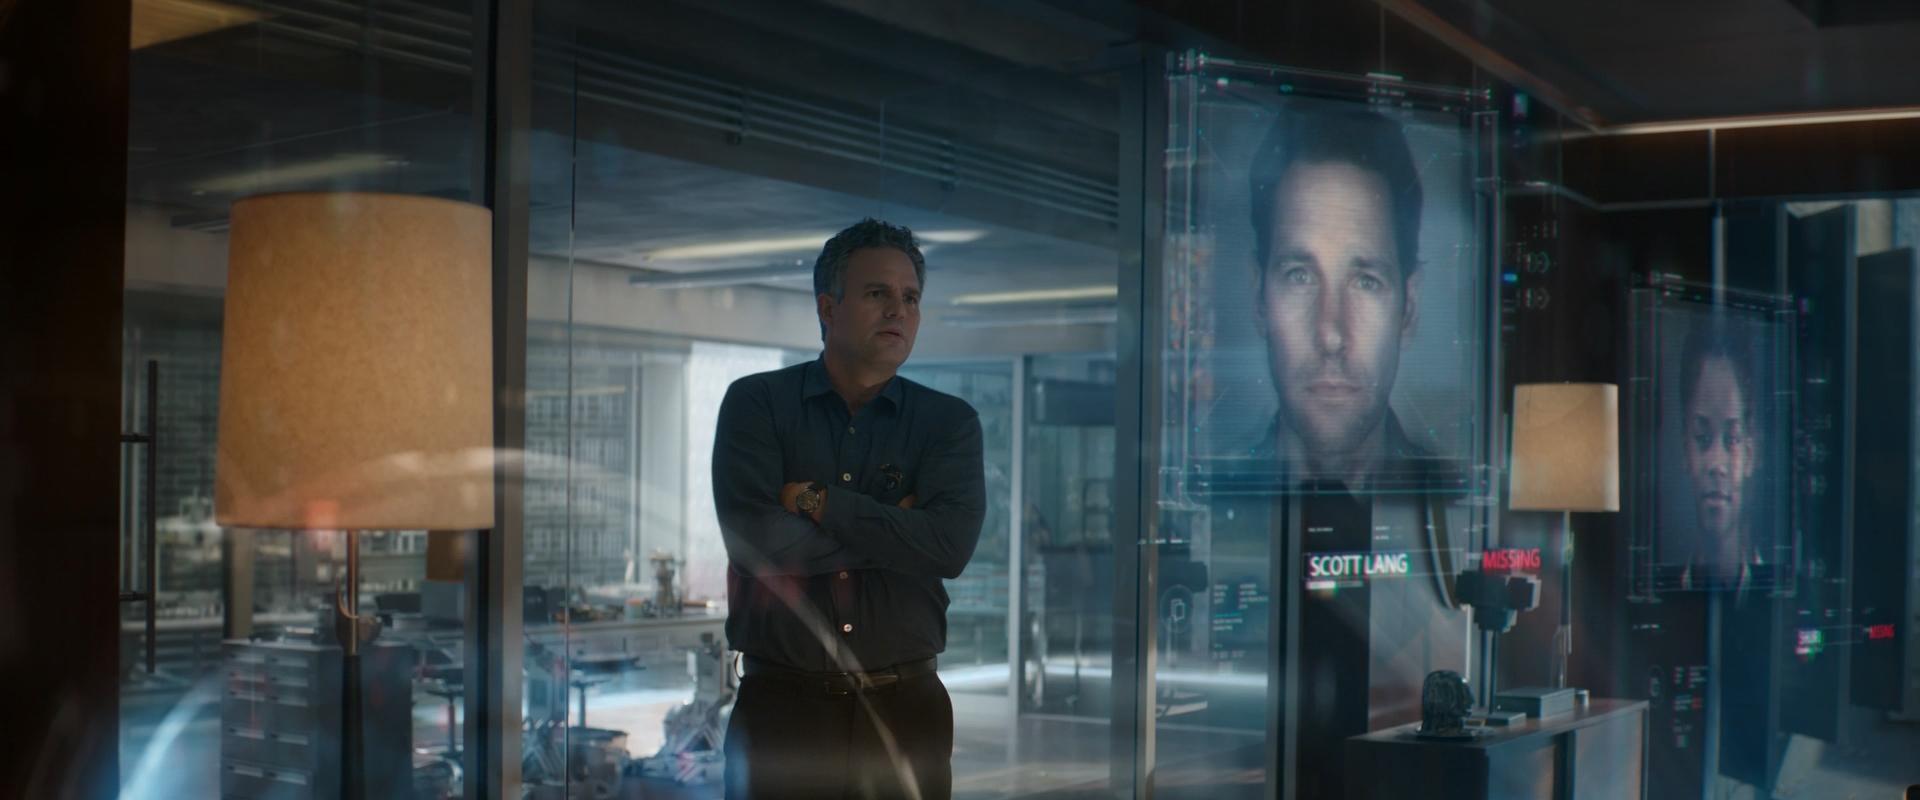 Avengers Endgame Teaser Trailer Still 19